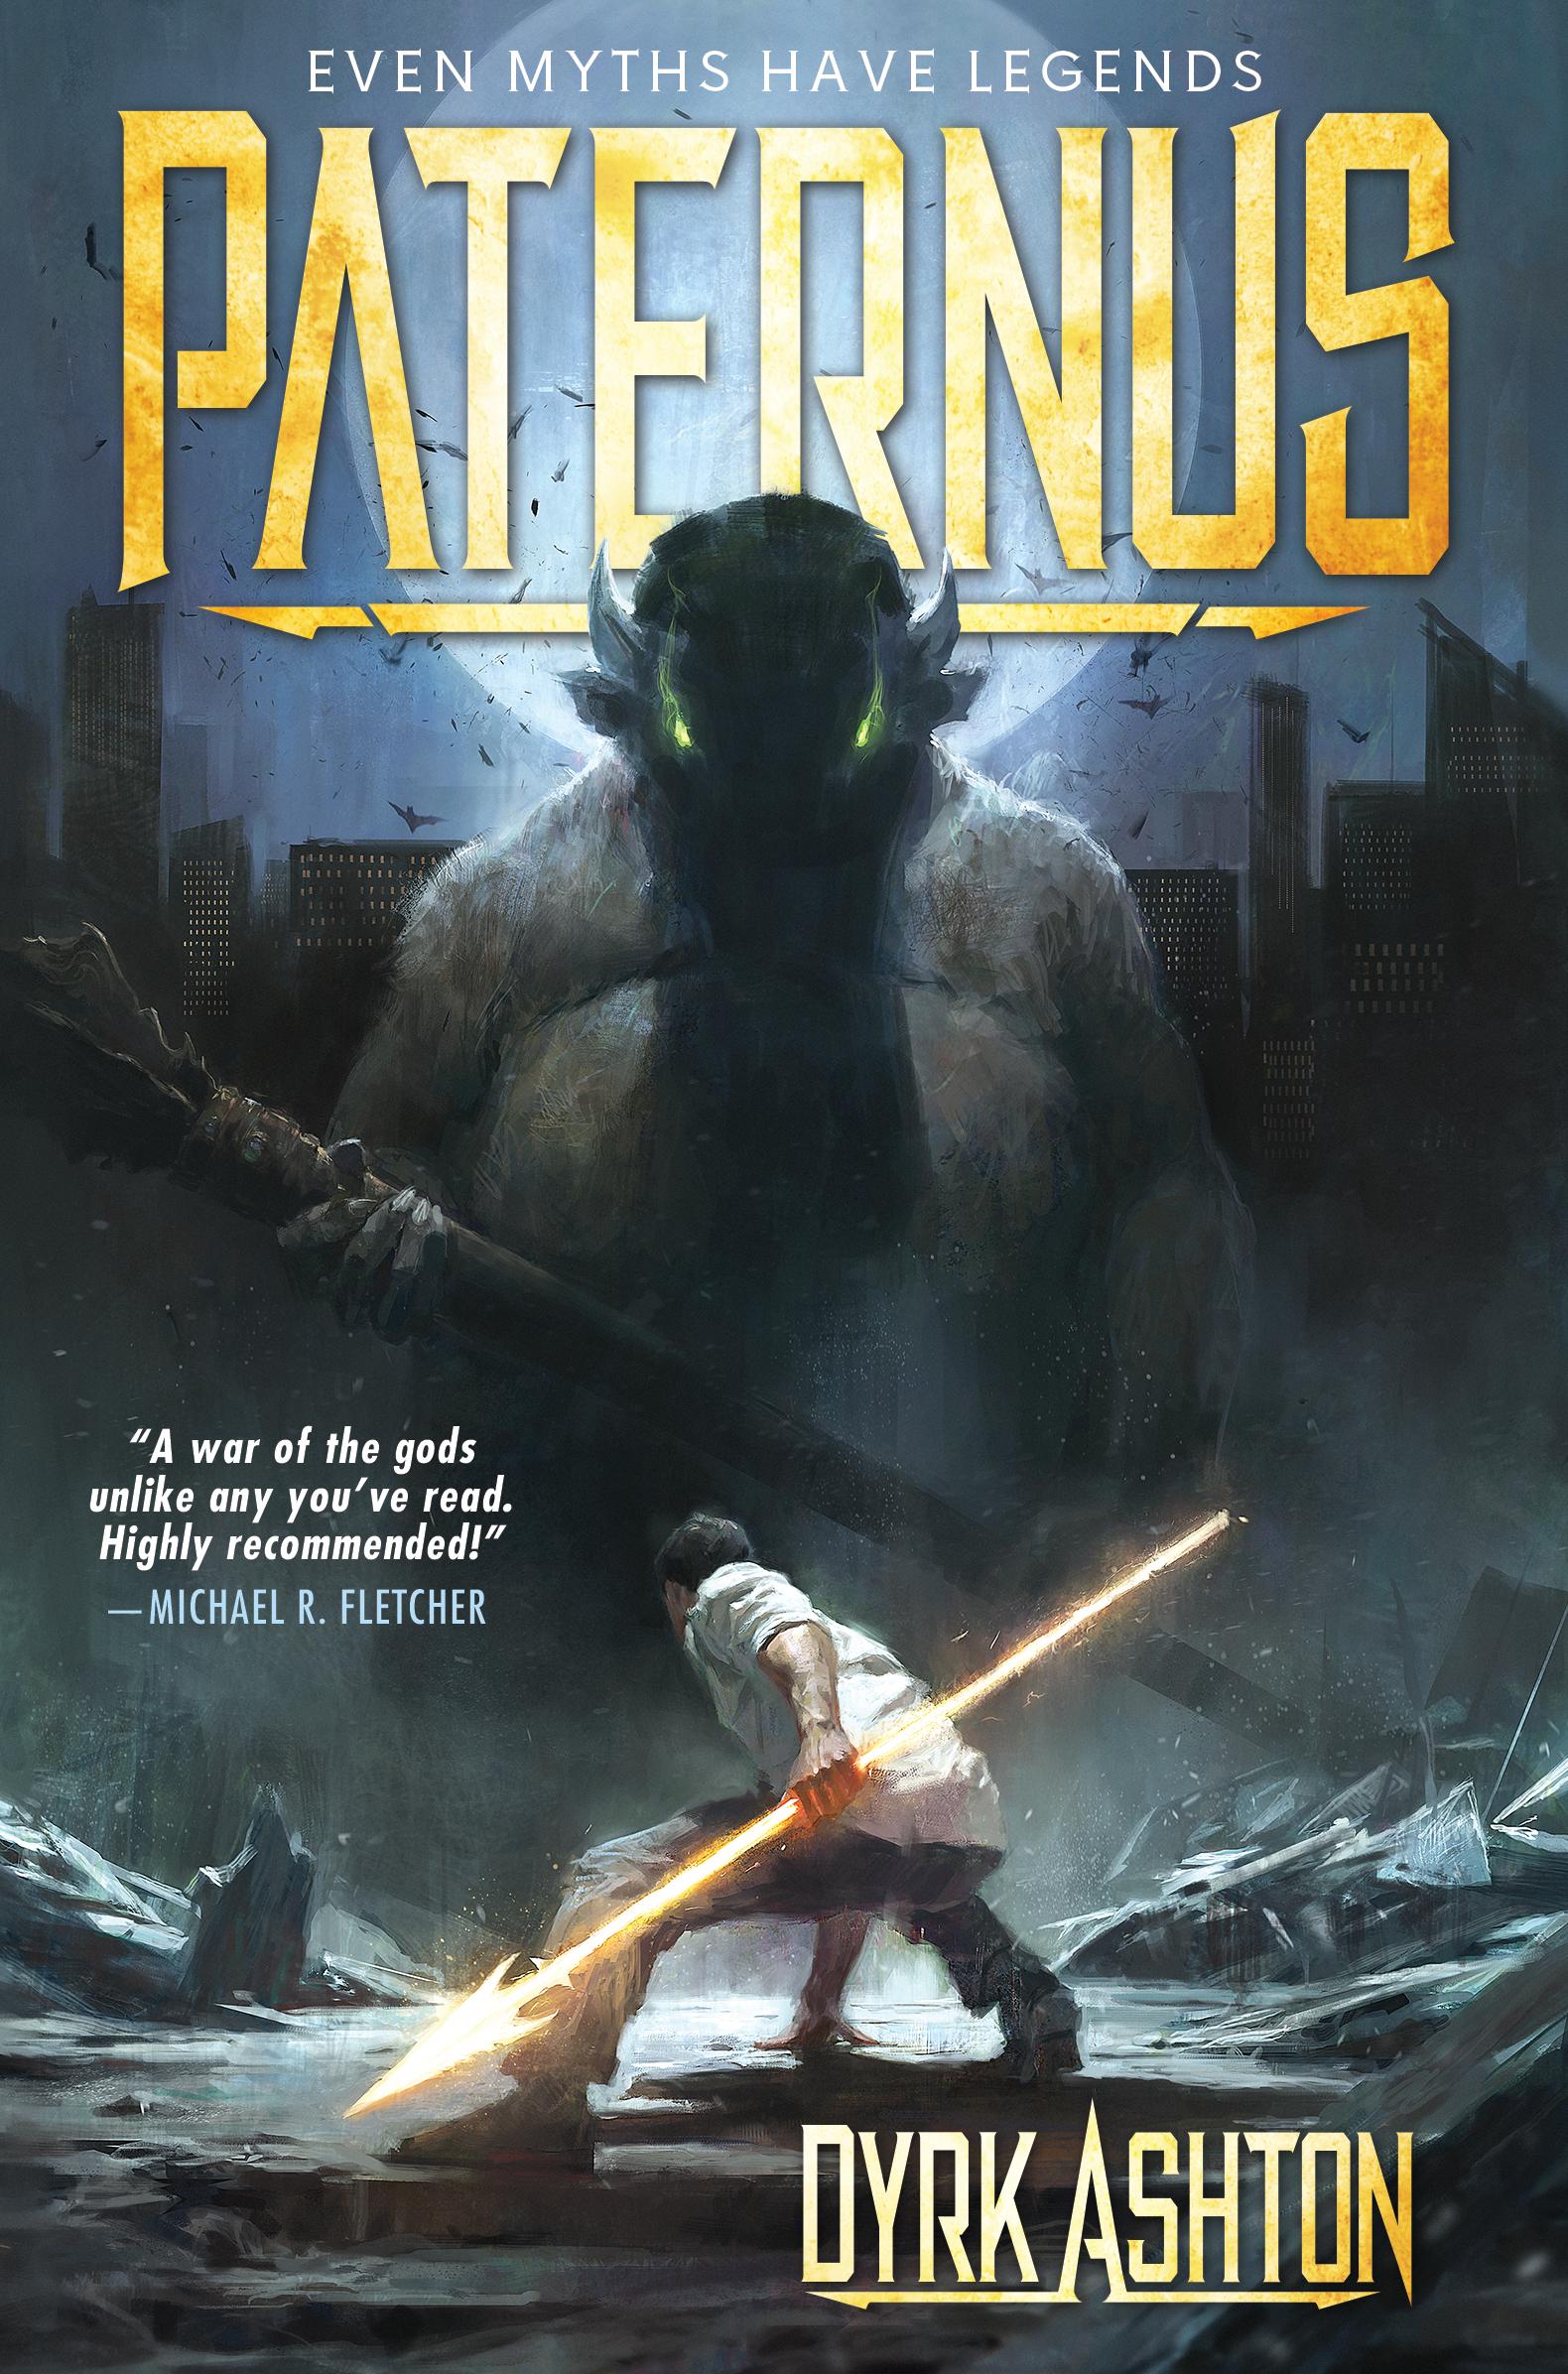 Paternus-Book-Hard-Cover-7.png